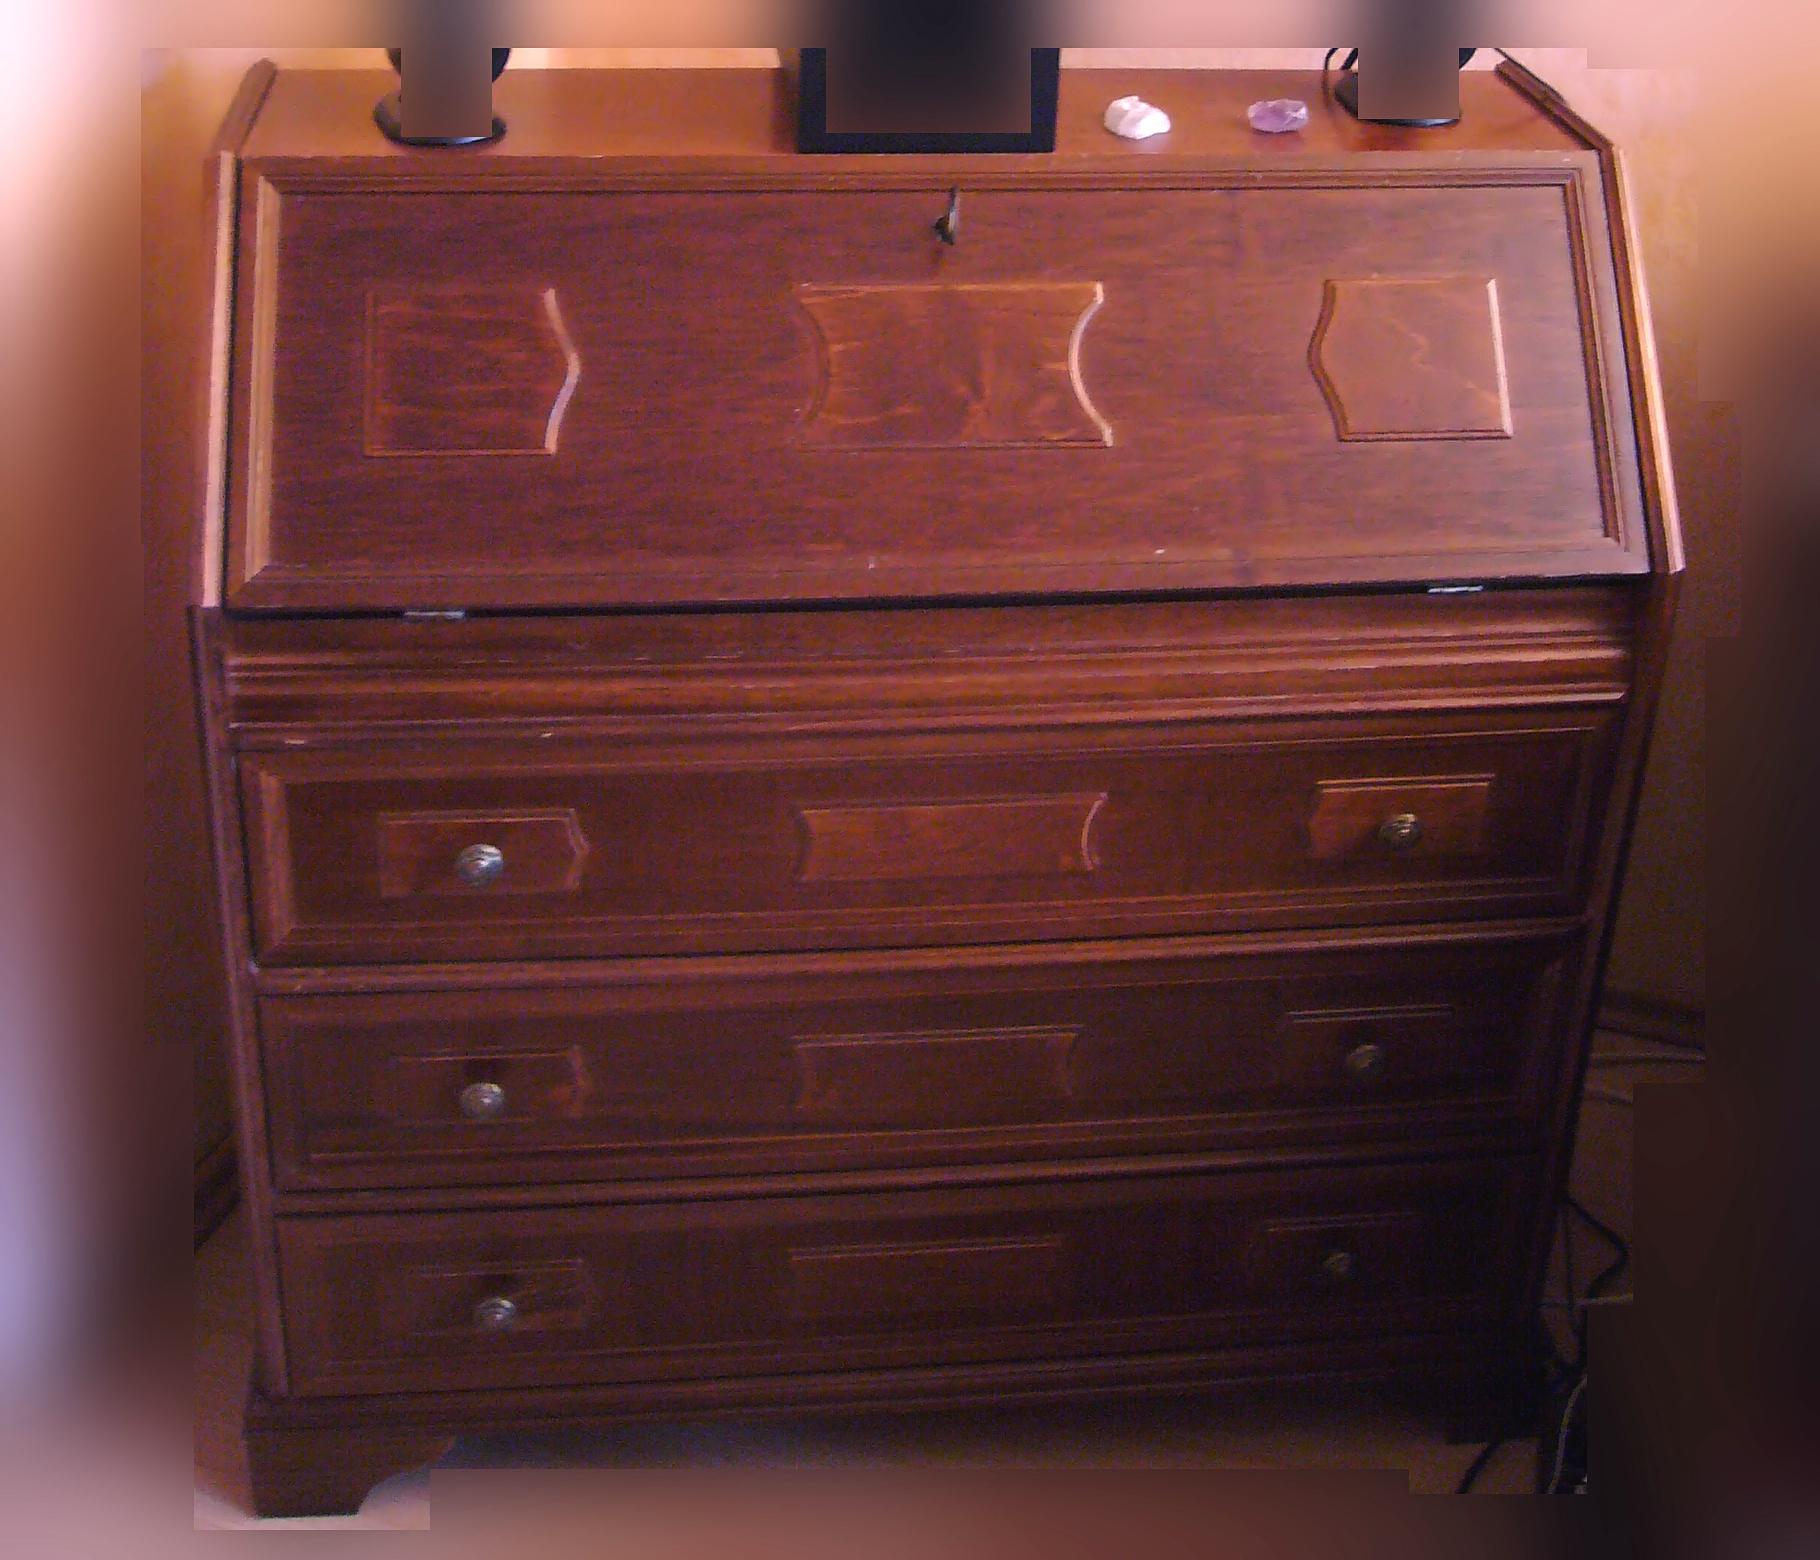 m bel und haushalt kleinanzeigen in dortmund seite 3. Black Bedroom Furniture Sets. Home Design Ideas